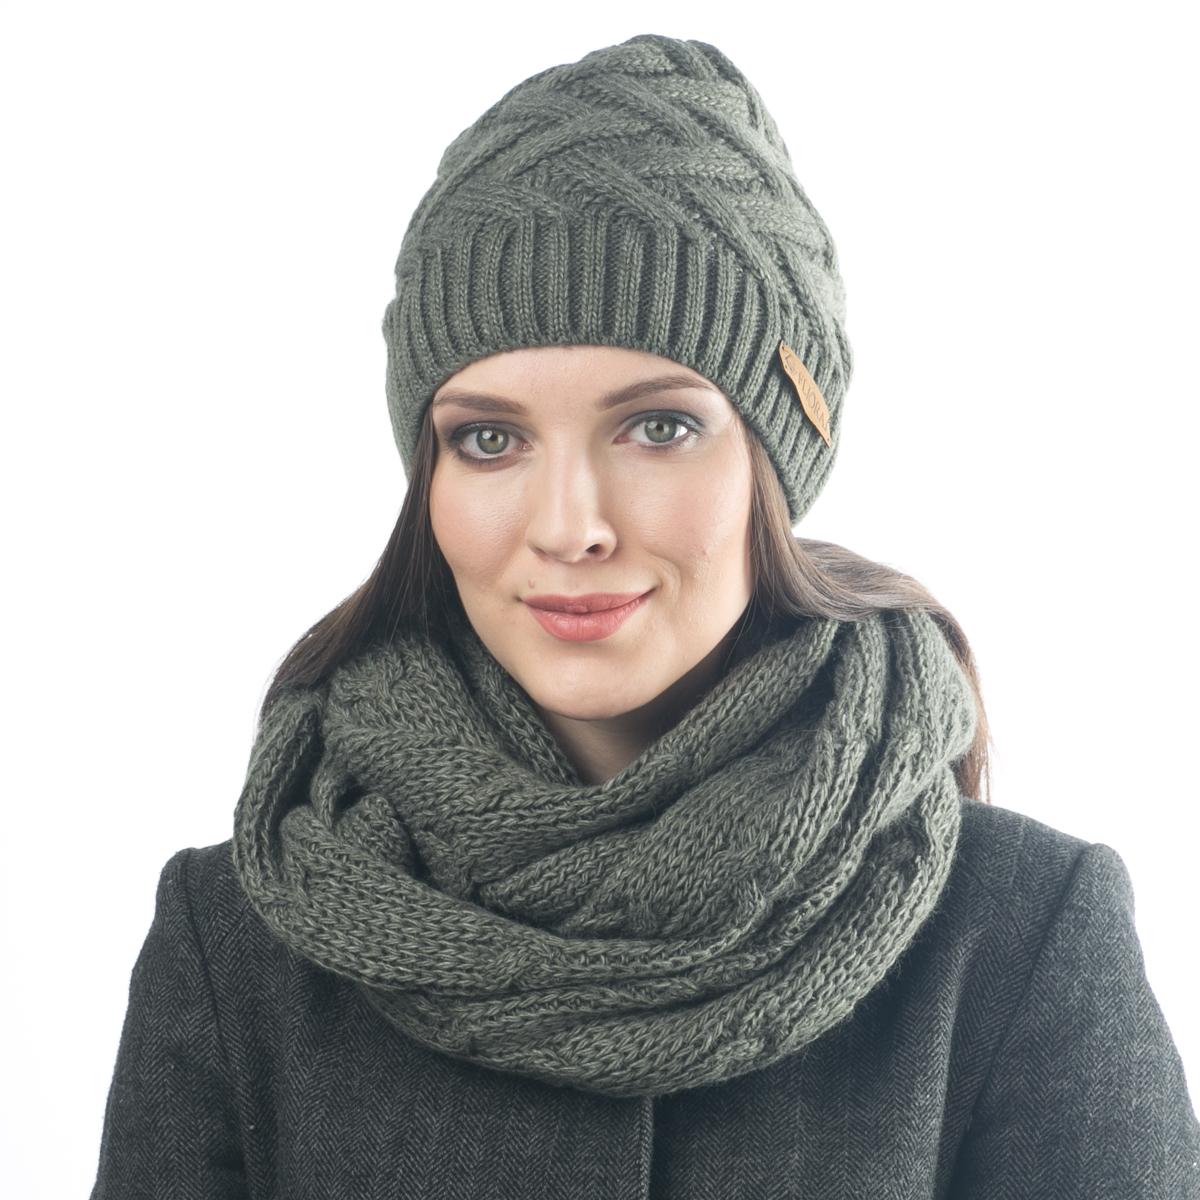 Шапка женская. 012FJ012FJТеплая шапка, выполненная модной рельефной вязкой. Украшена нашивкой из натуральной кожи. Поднимет настроение и отлично согреет в холодную погоду.